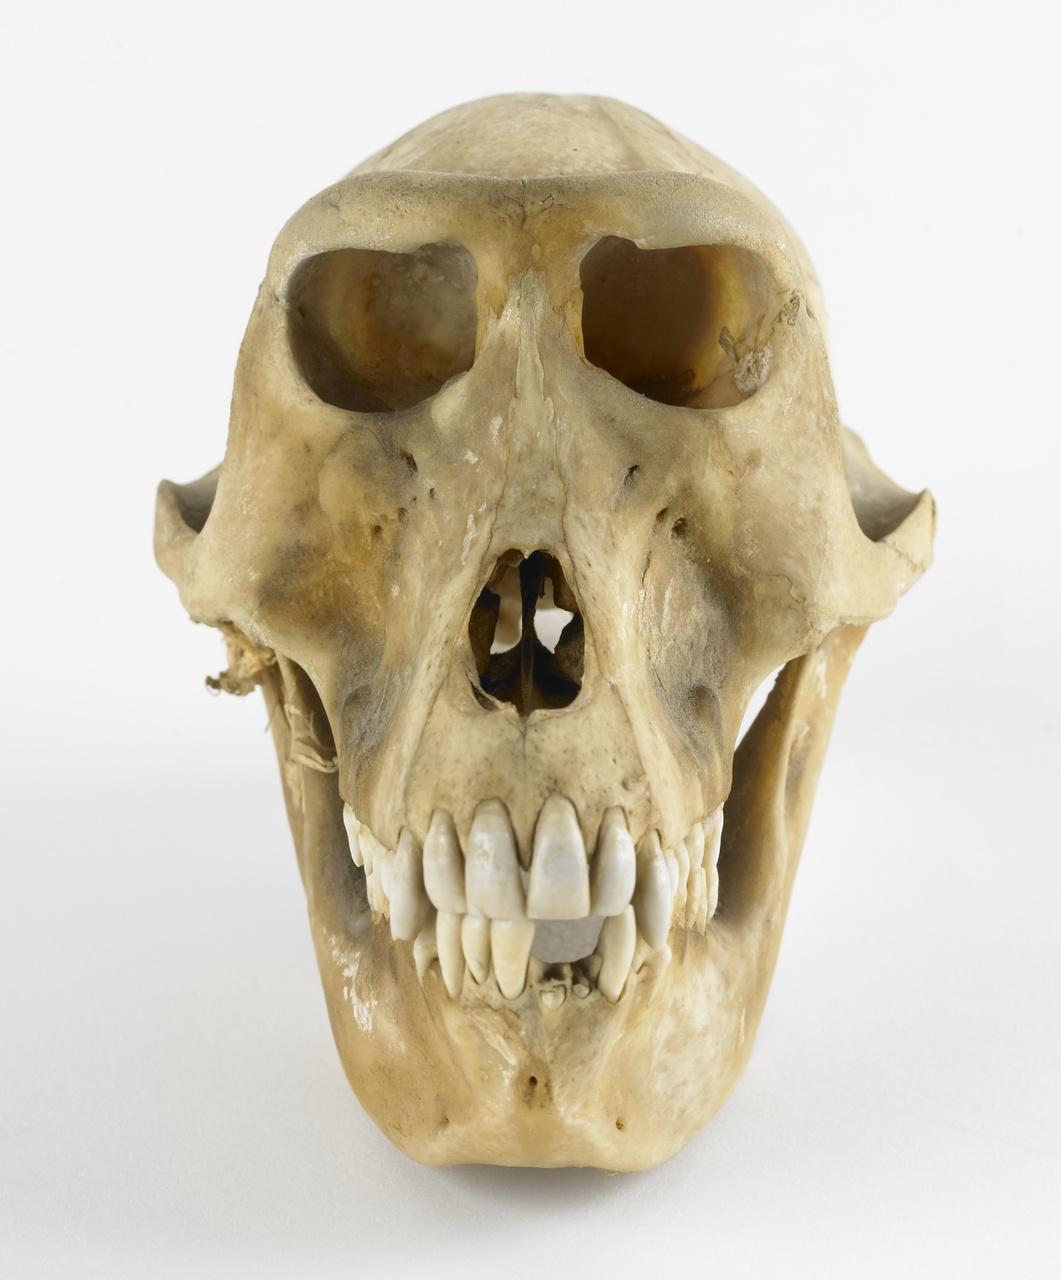 Schedel van een makaak (cynopithecus niger)